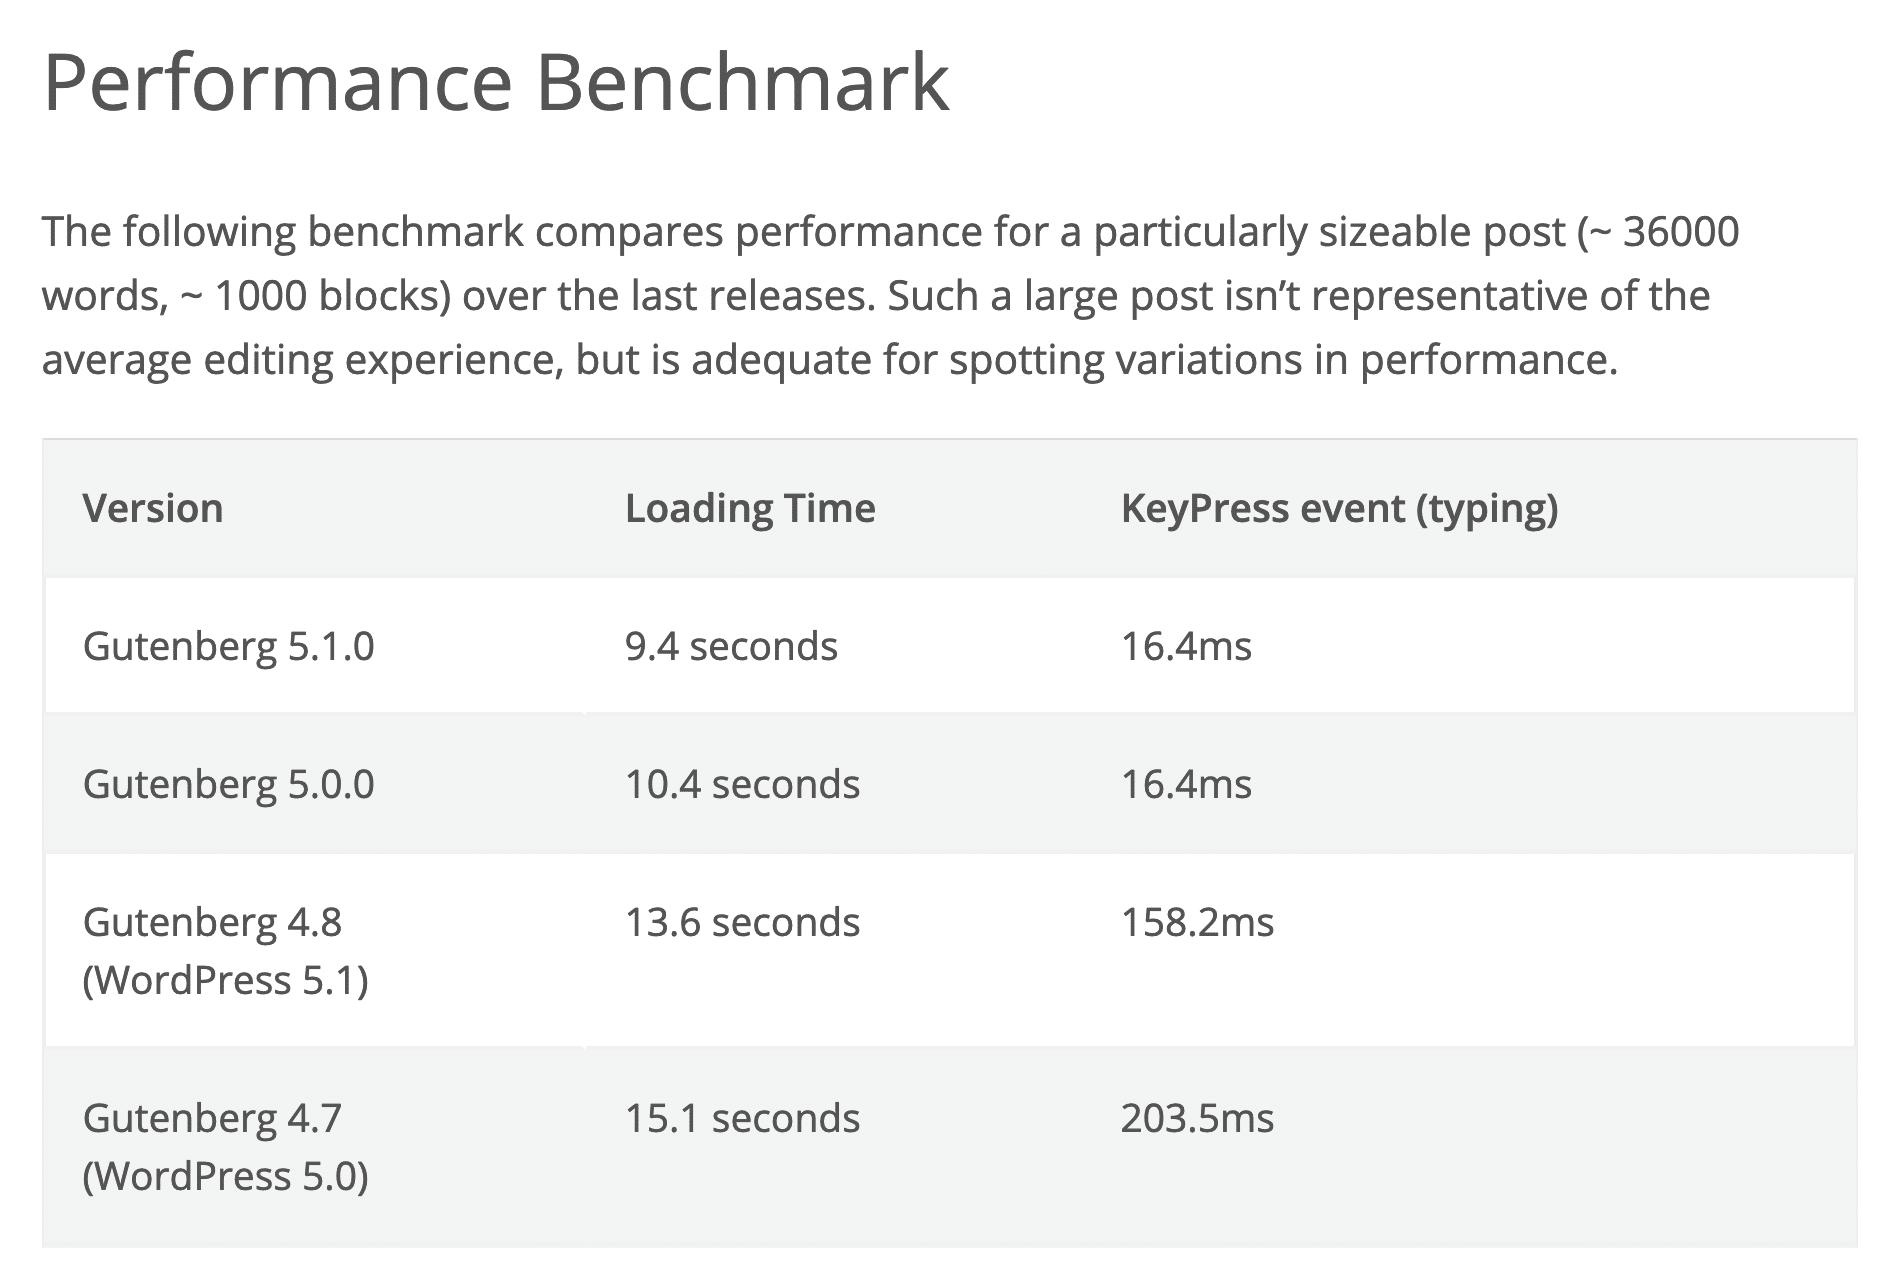 Benchmarks de desempenho do Gutenberg para versões diferentes